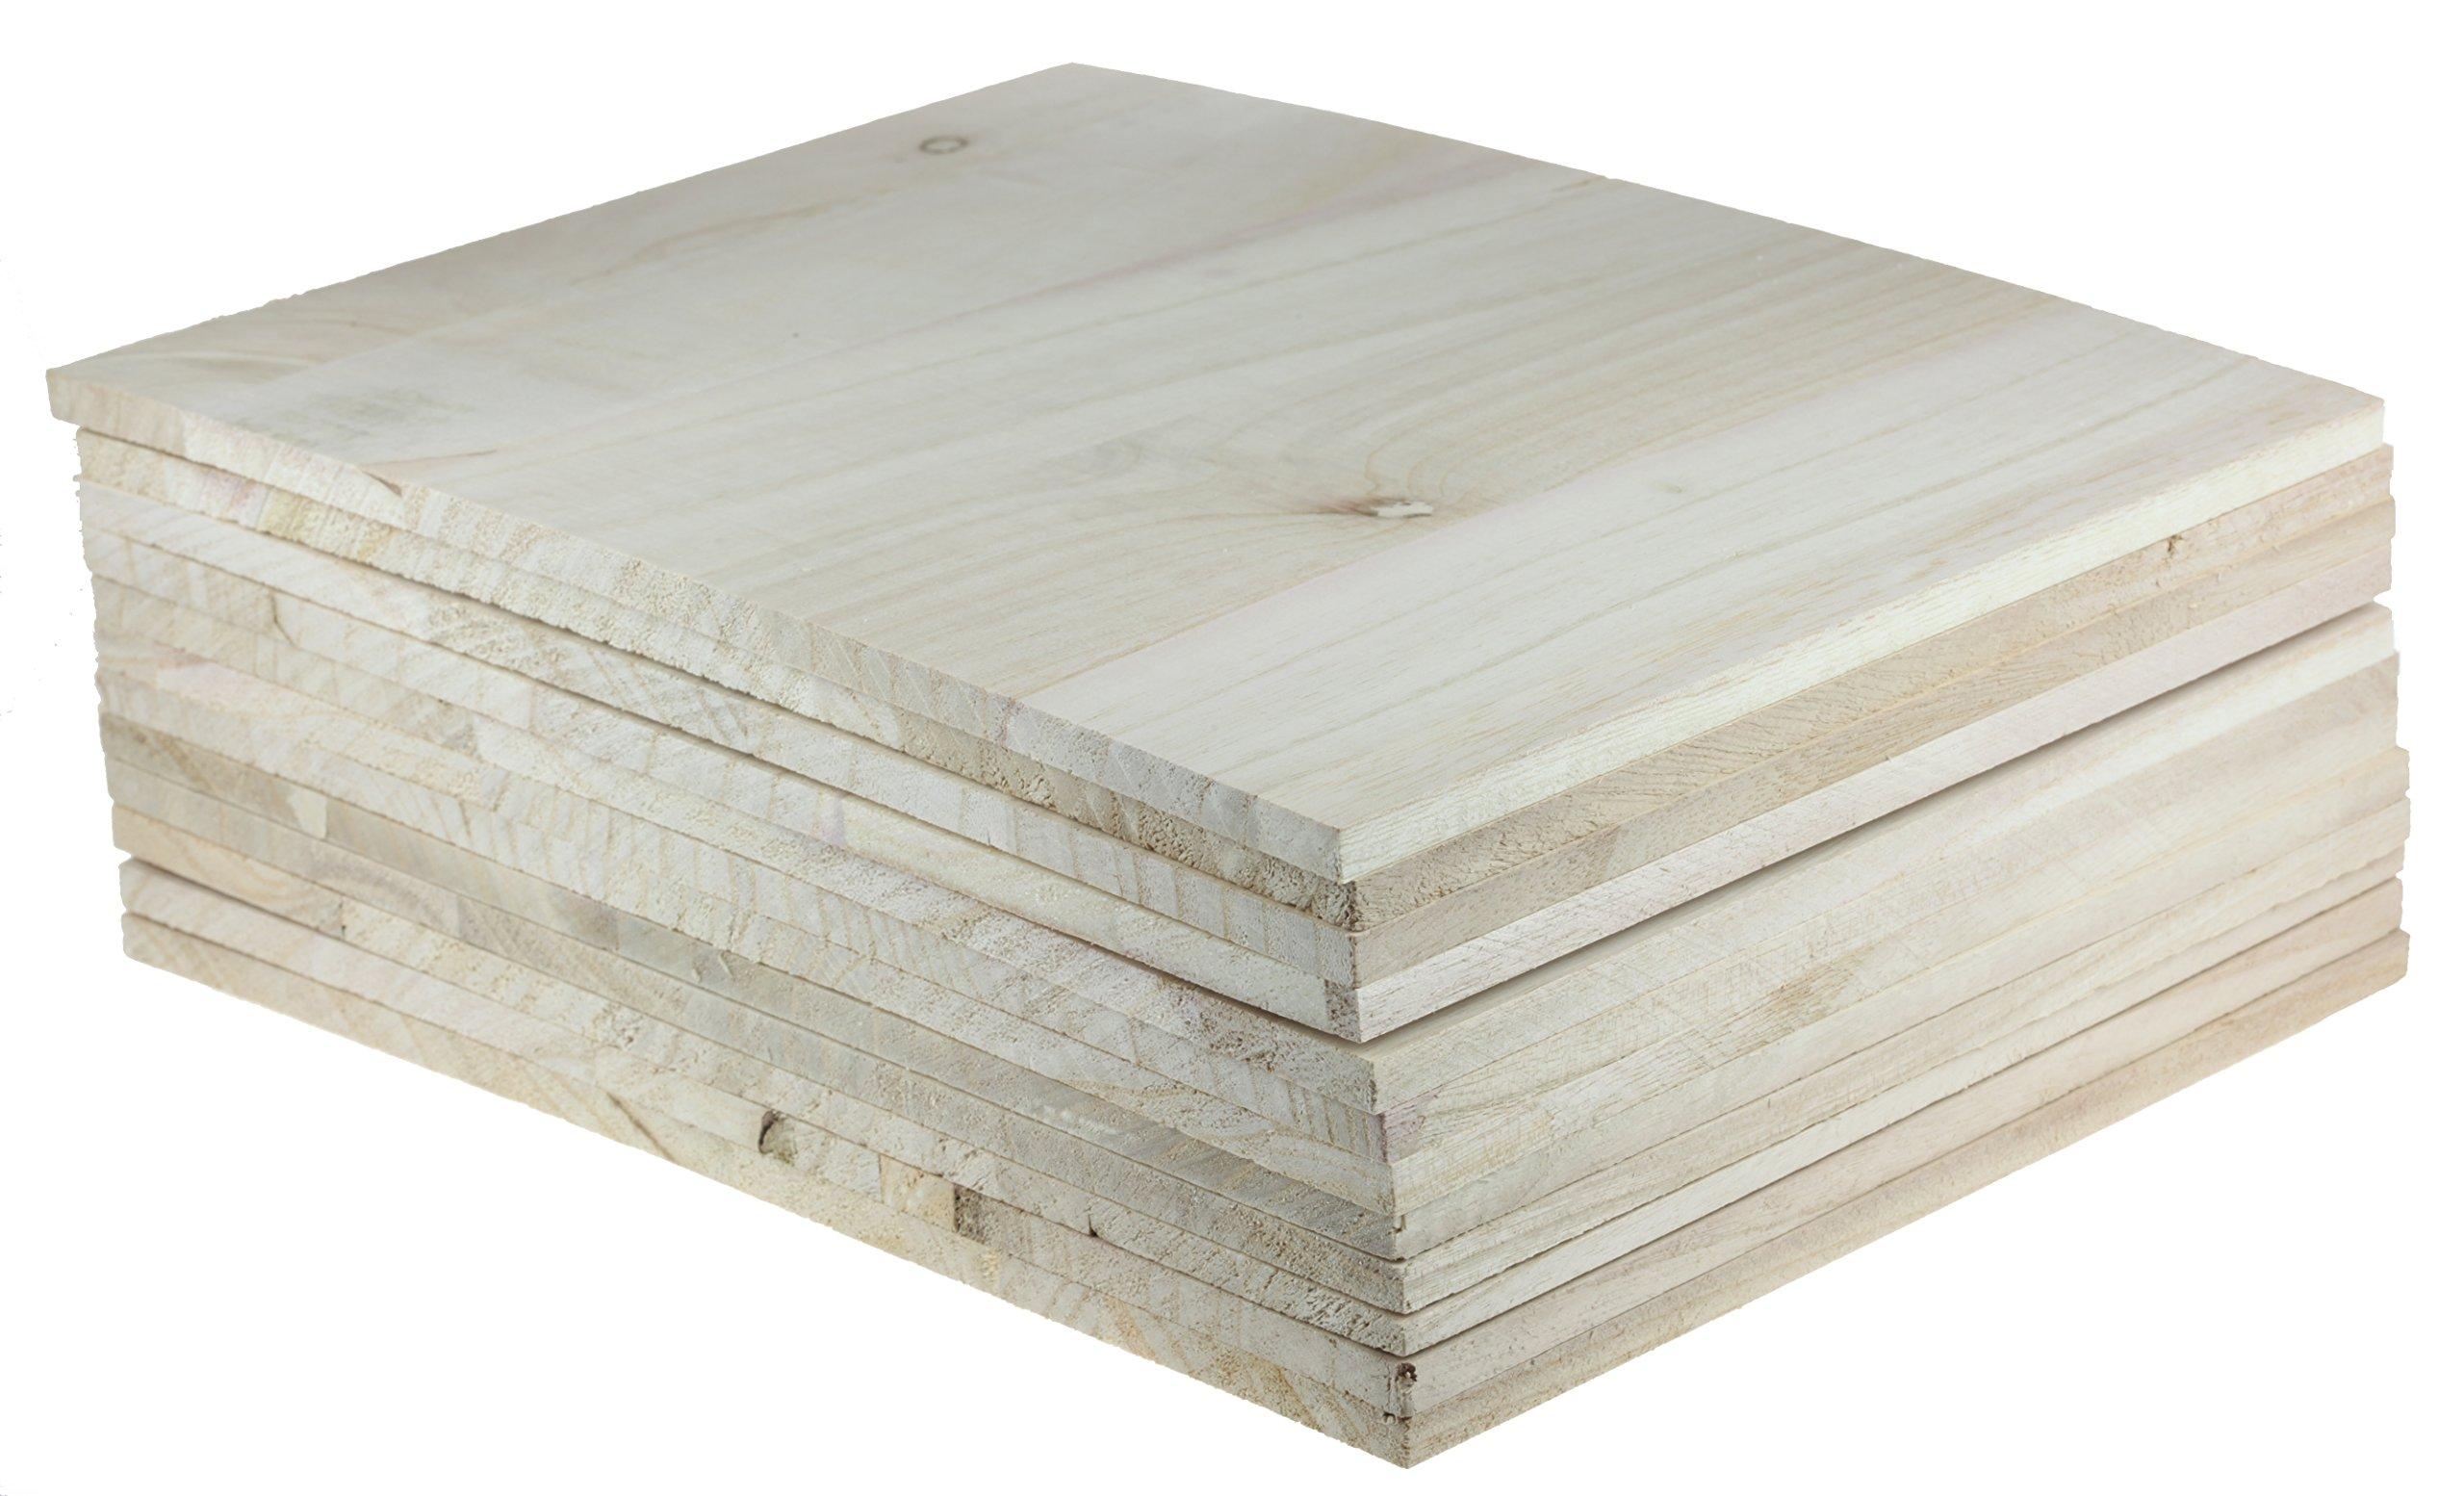 Wood Breaking Board - Breakable Board in 8 mm thickness (12 Board Pack)